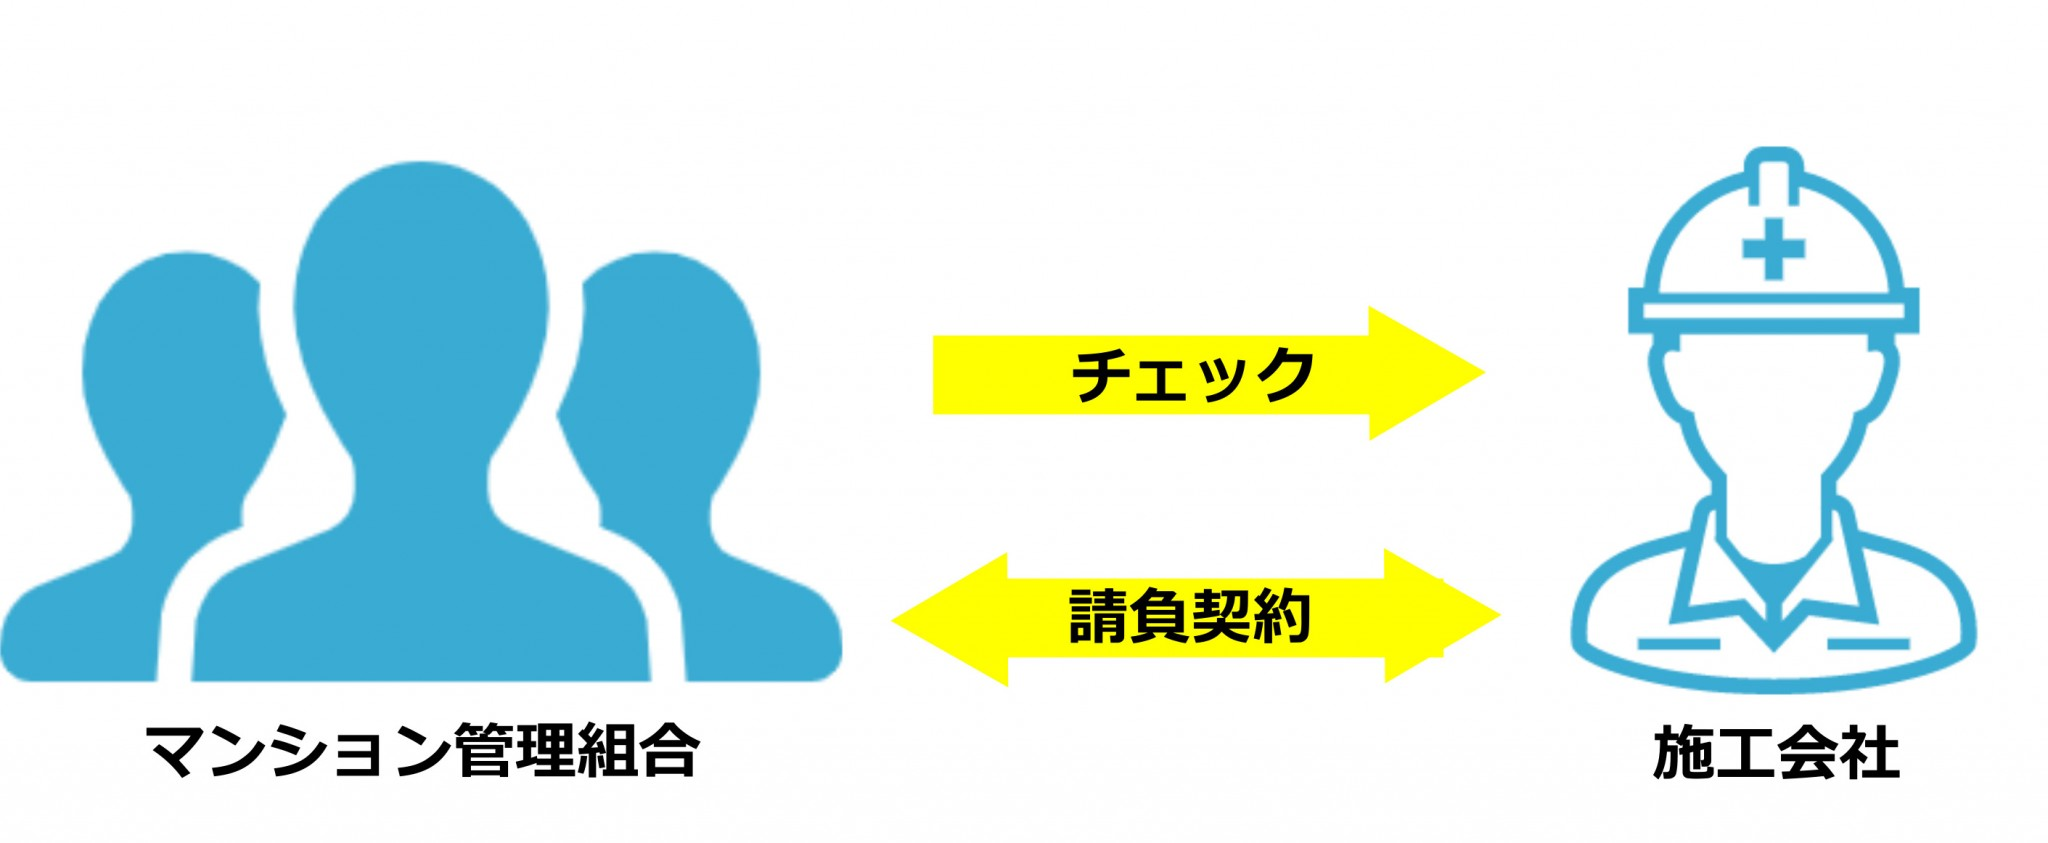 責任施工方式・設計施工方式